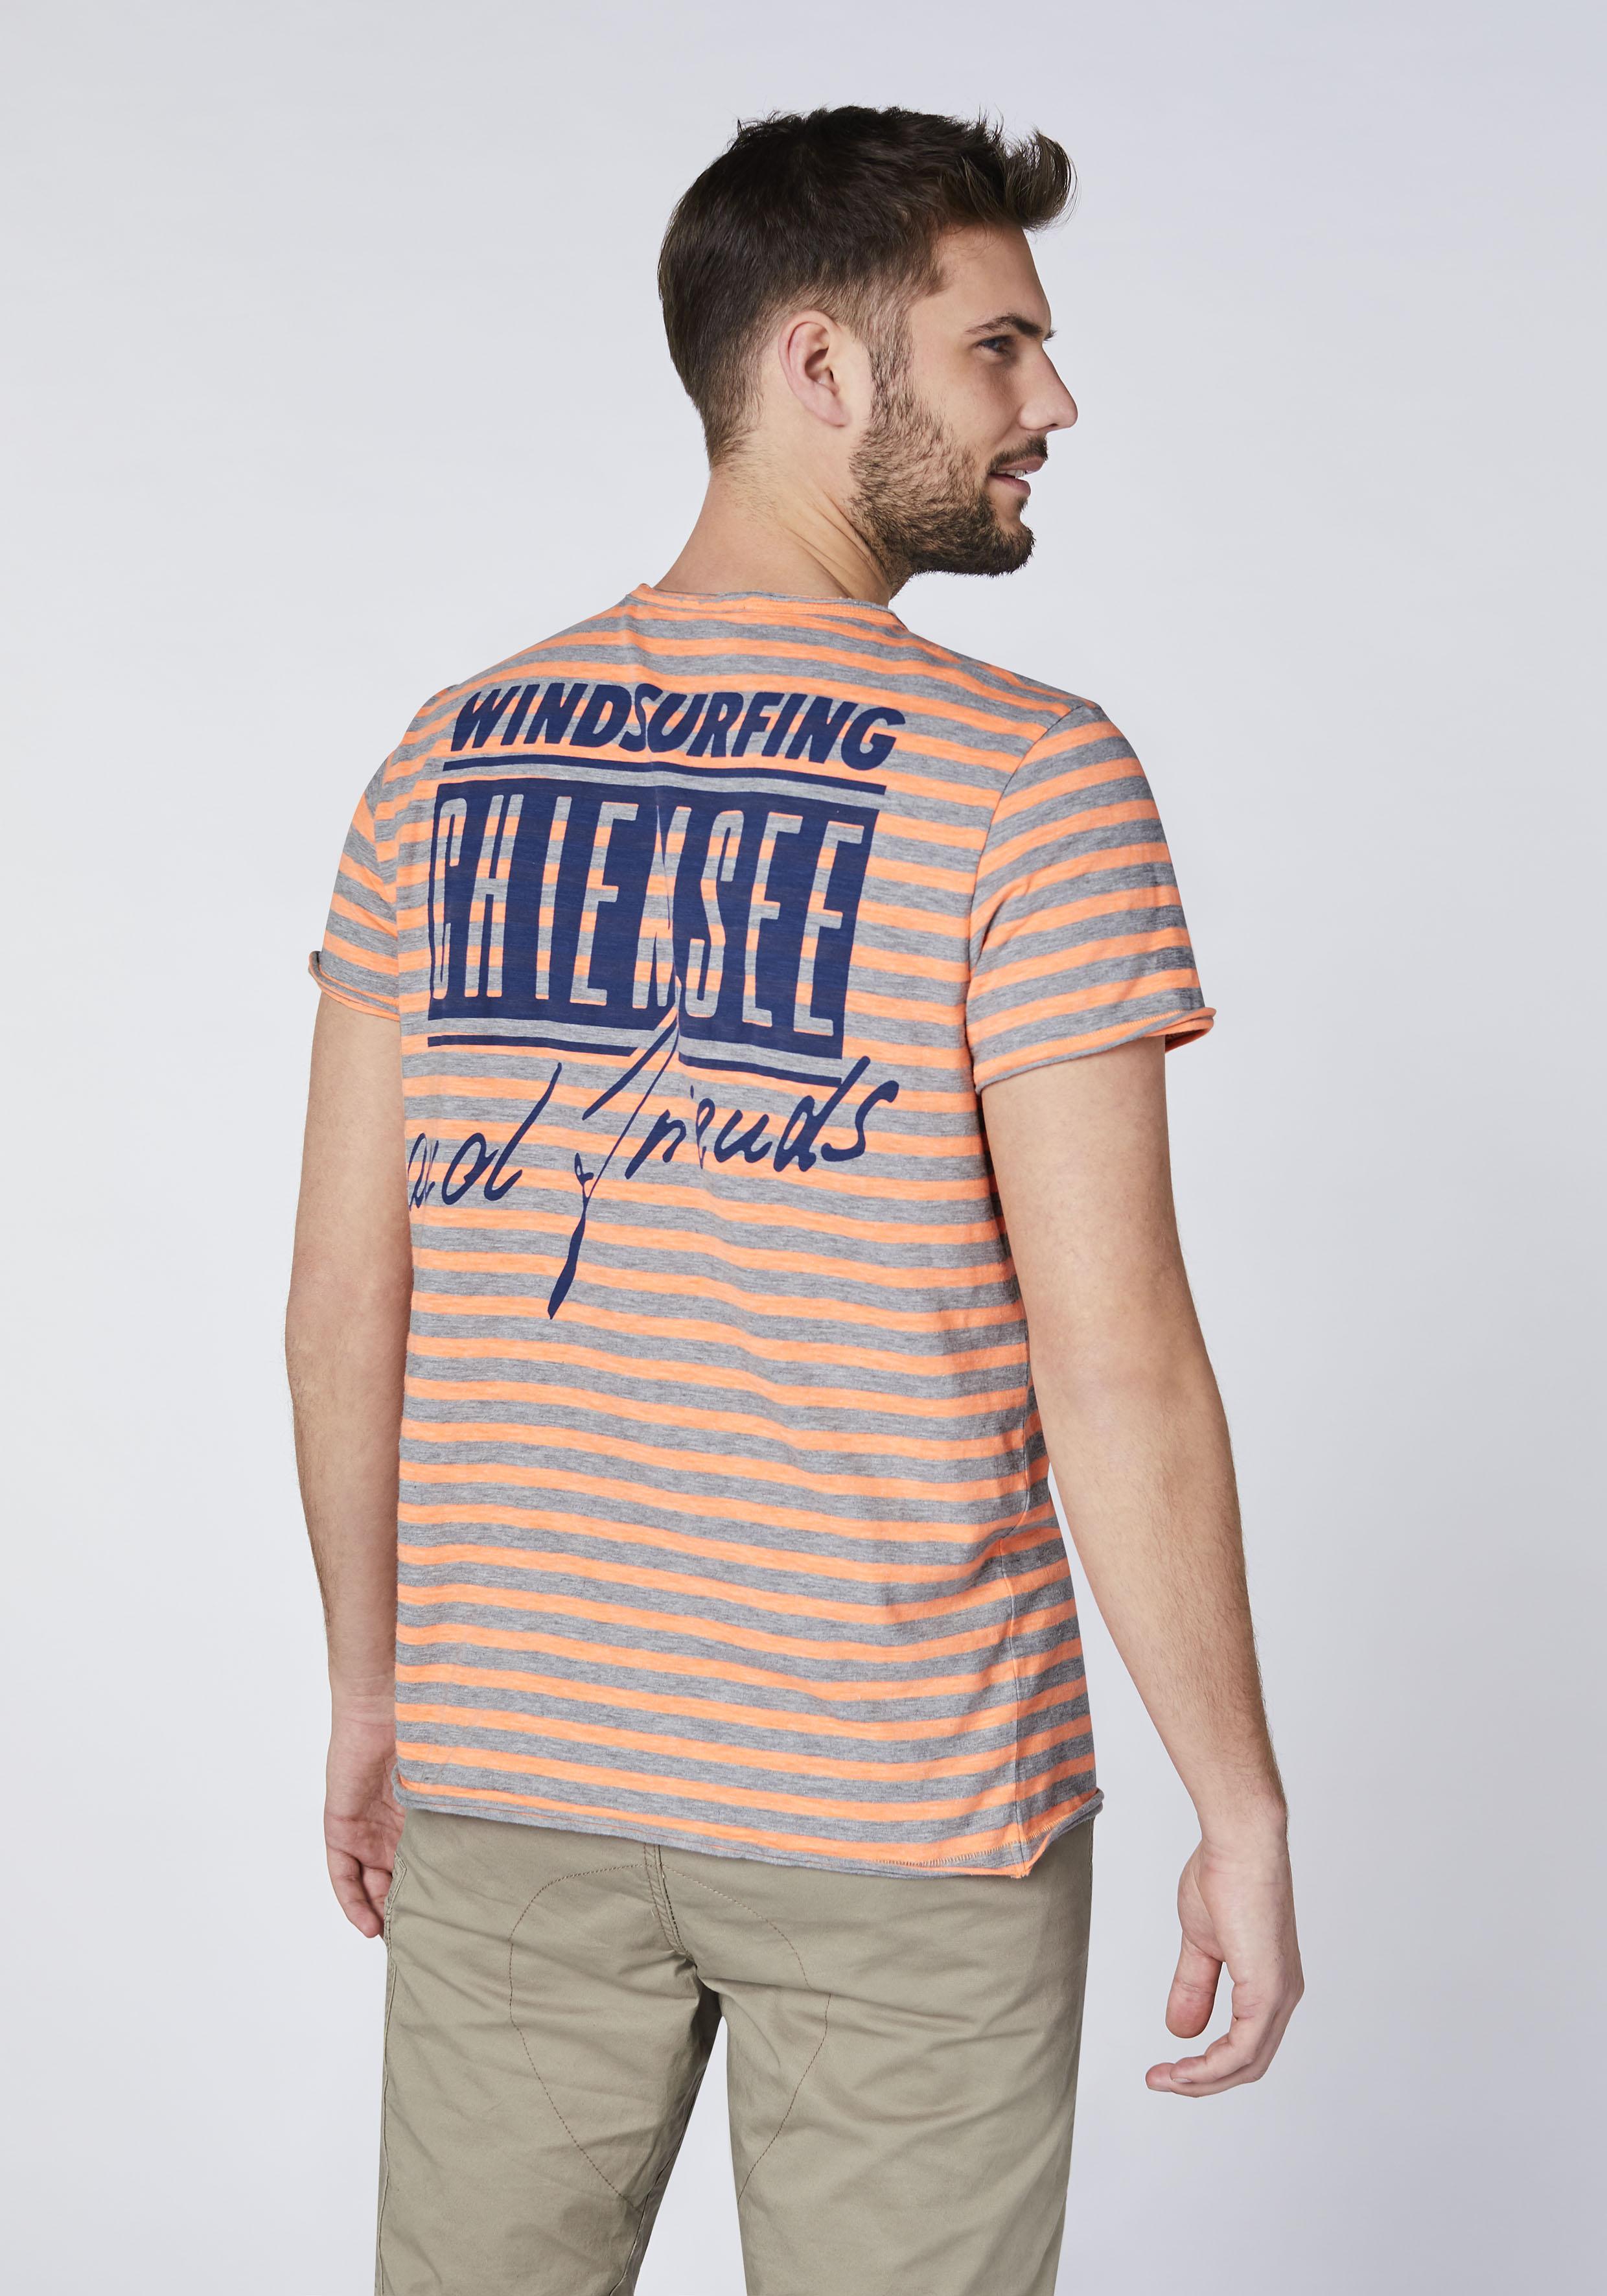 d62c2692 T-Shirts für Herren online kaufen | Herrenmode-Suchmaschine ...